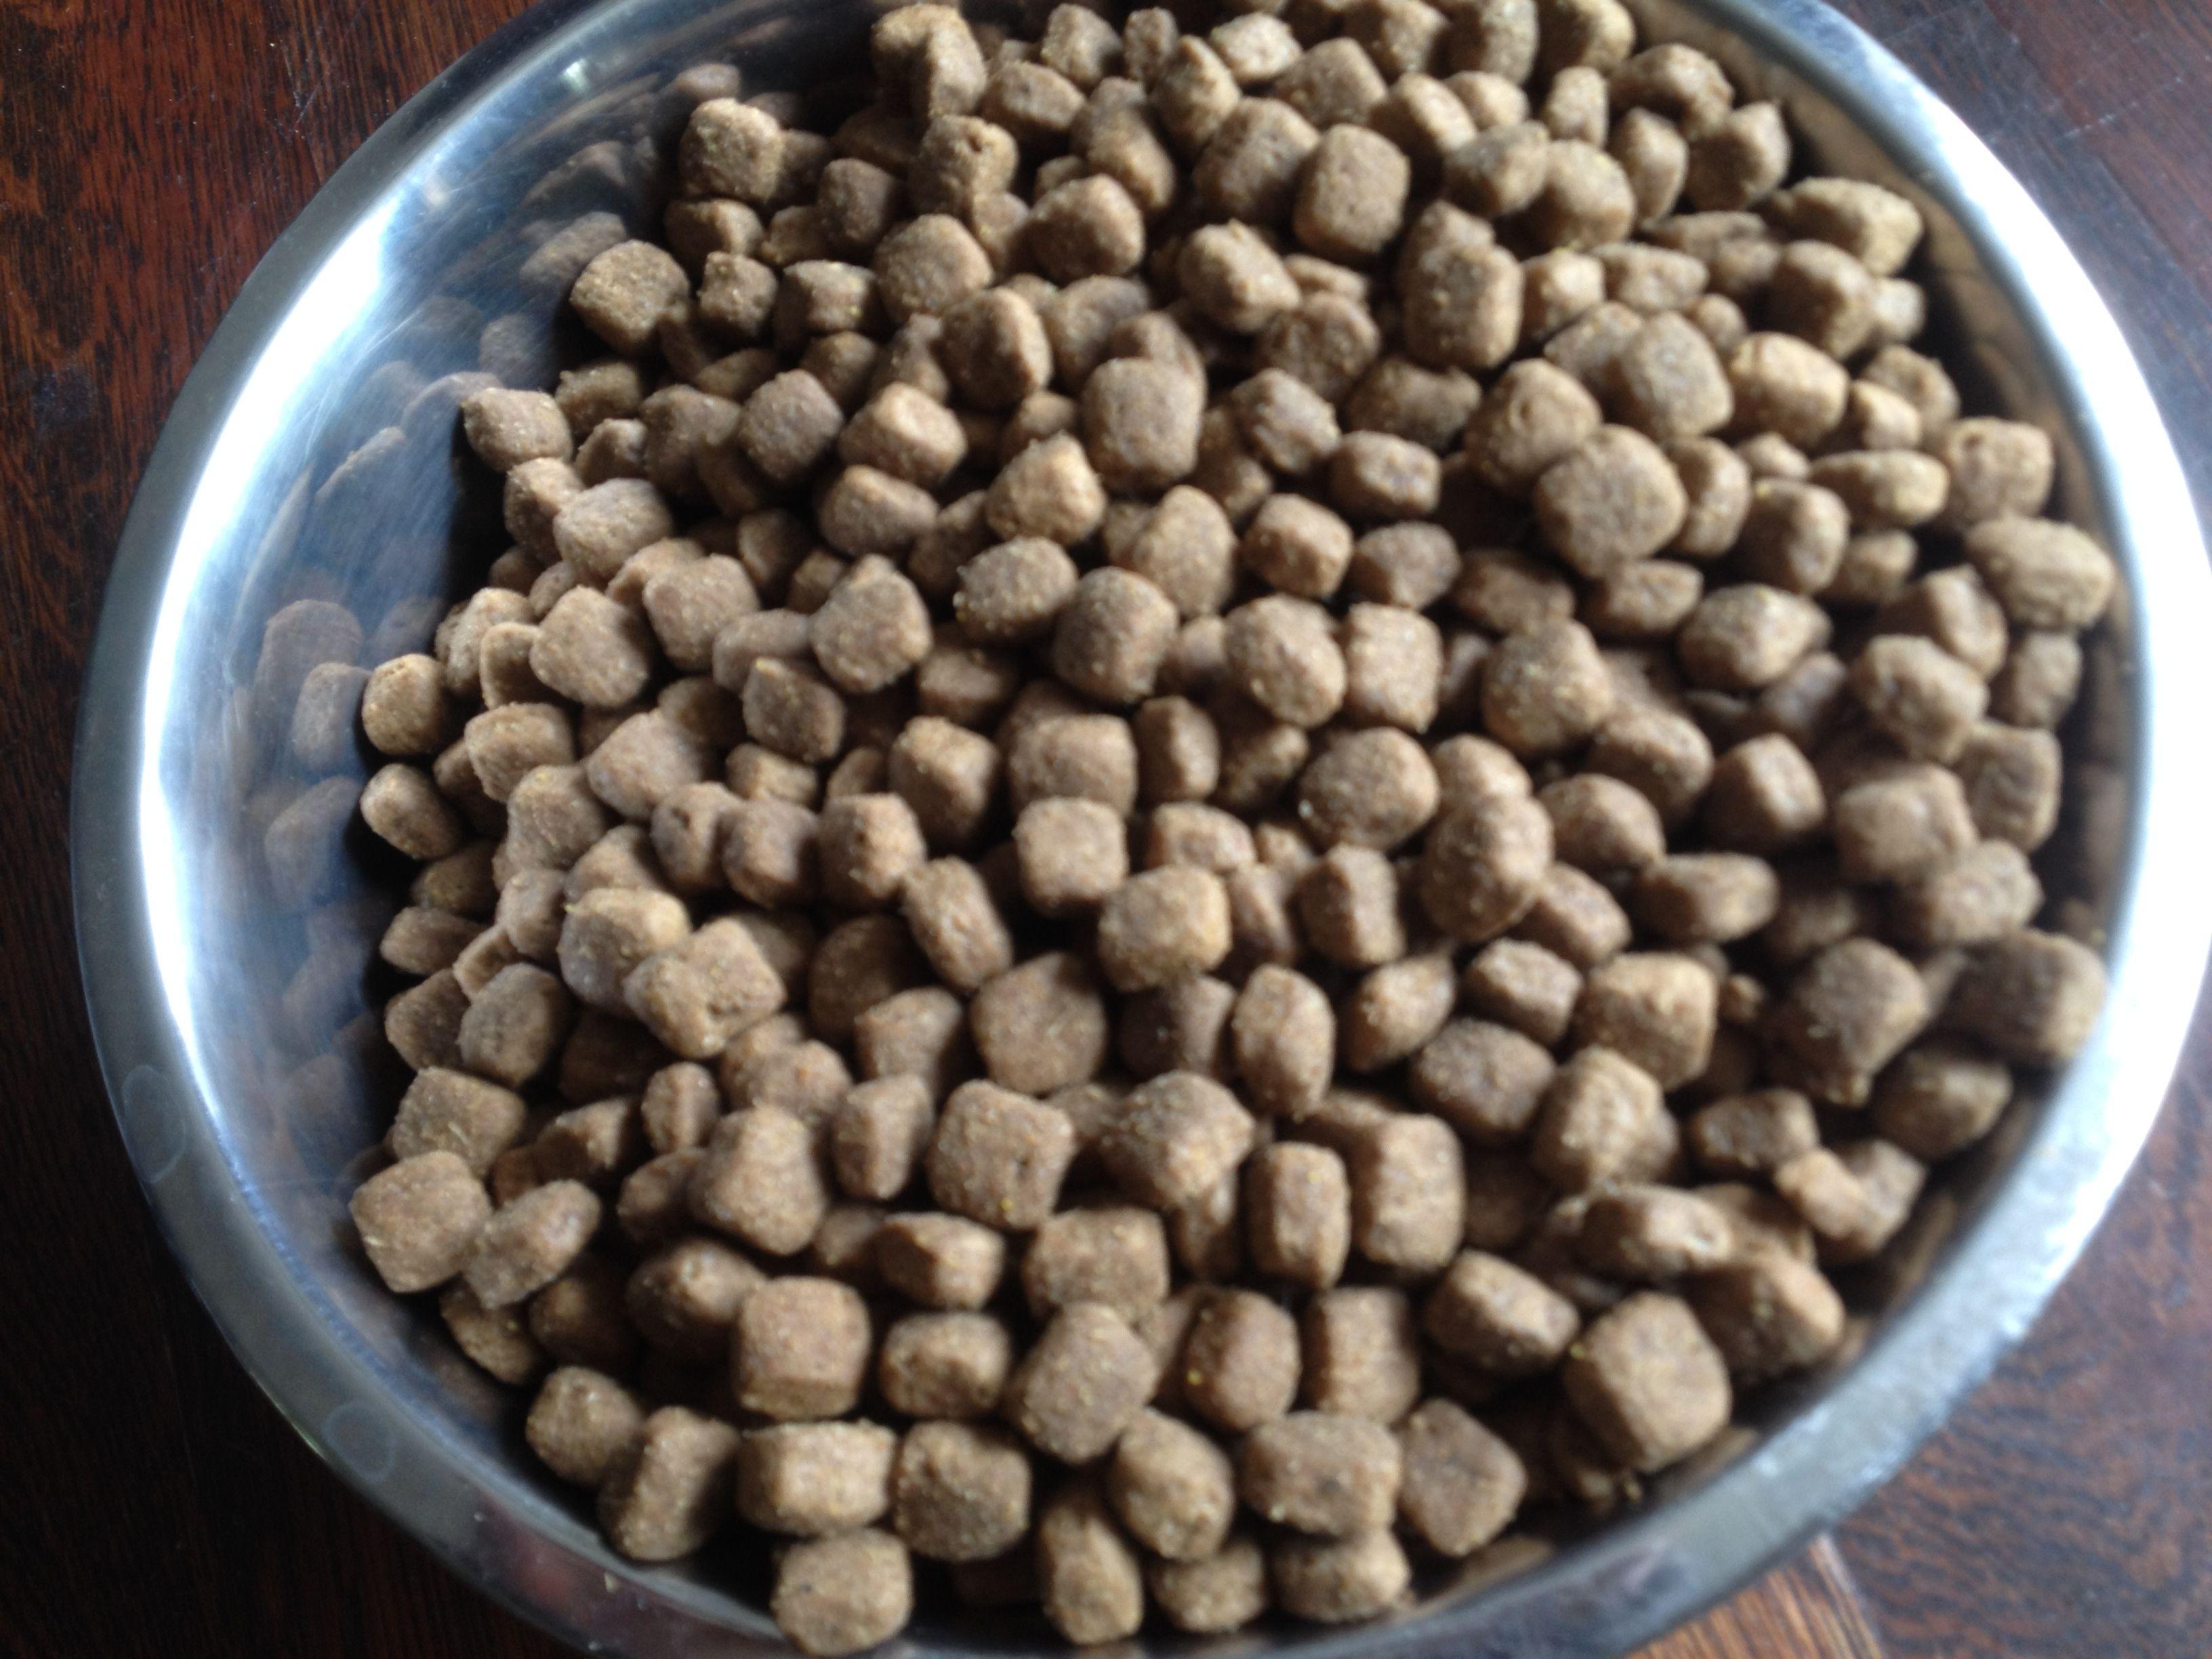 Hondenvoeding? Hoe kies je kwaliteit?